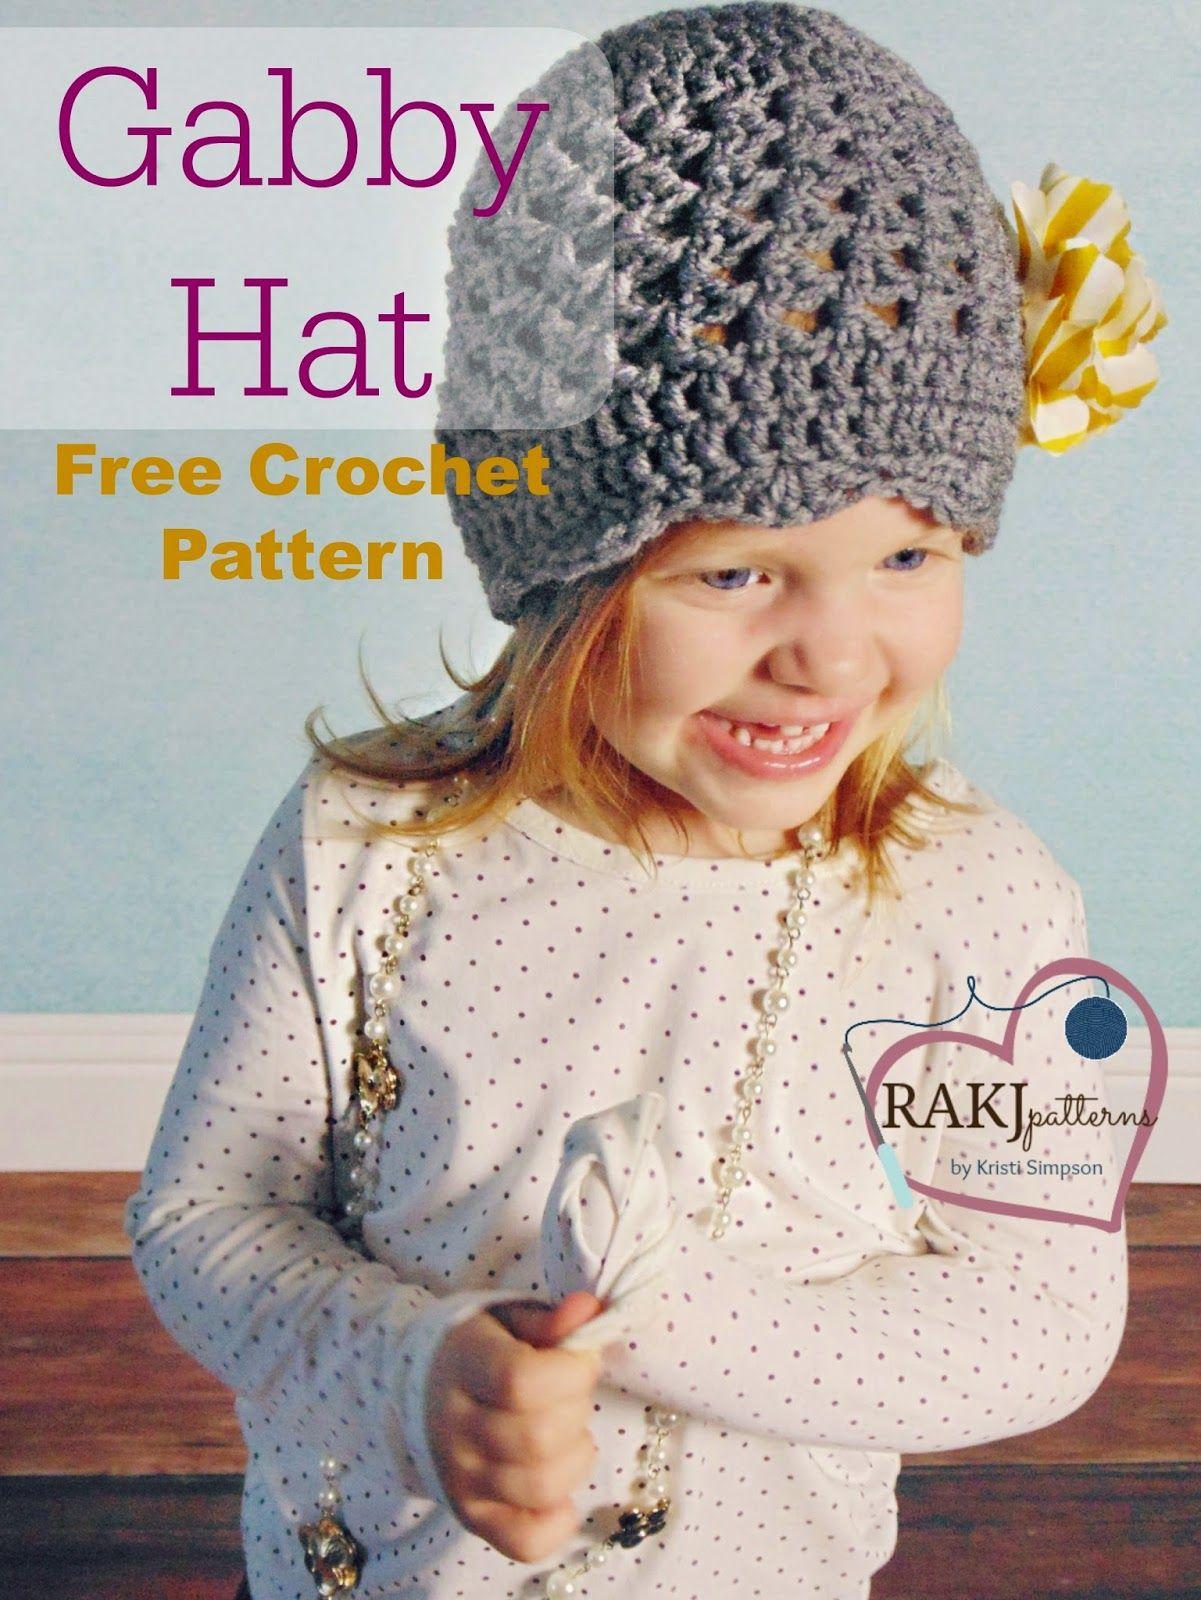 RAKJpatterns by Kristi Simpson: *NEW* FREE Crochet Pattern: Gabby ...